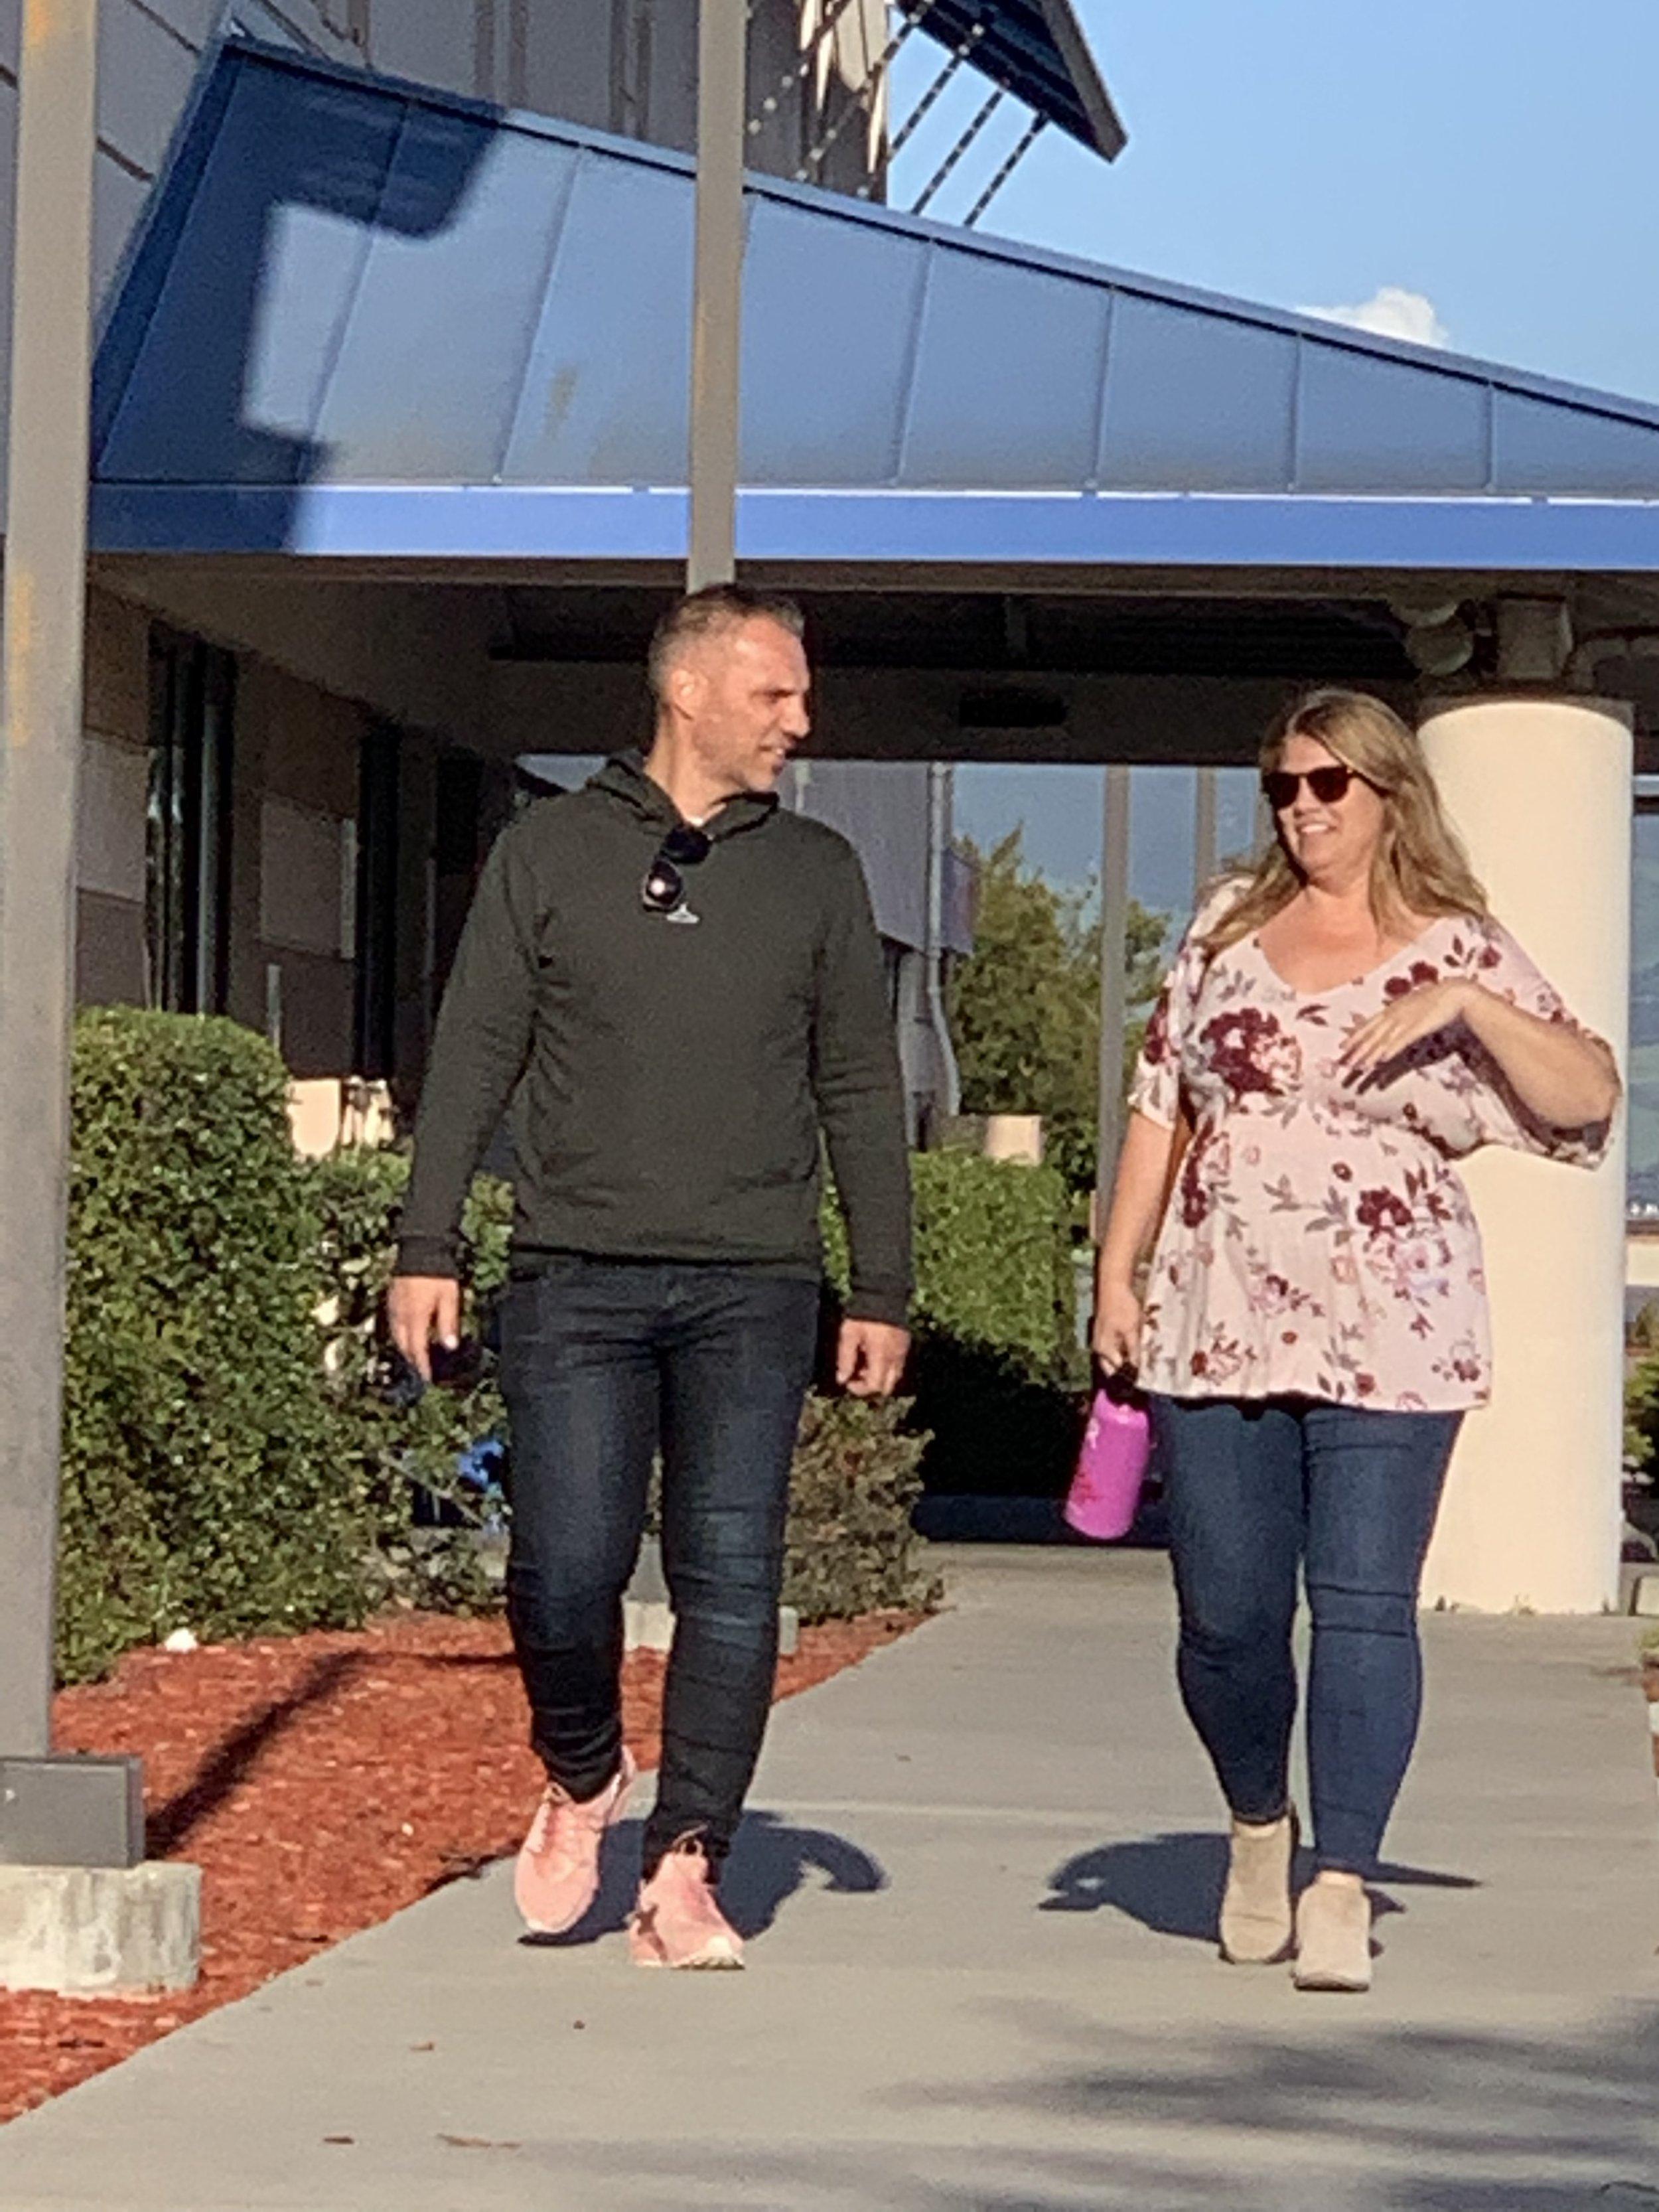 FIN OPPLEVELSE: Kjartan og Megan snakker om omvisningen på vei ut fra sykehuset.